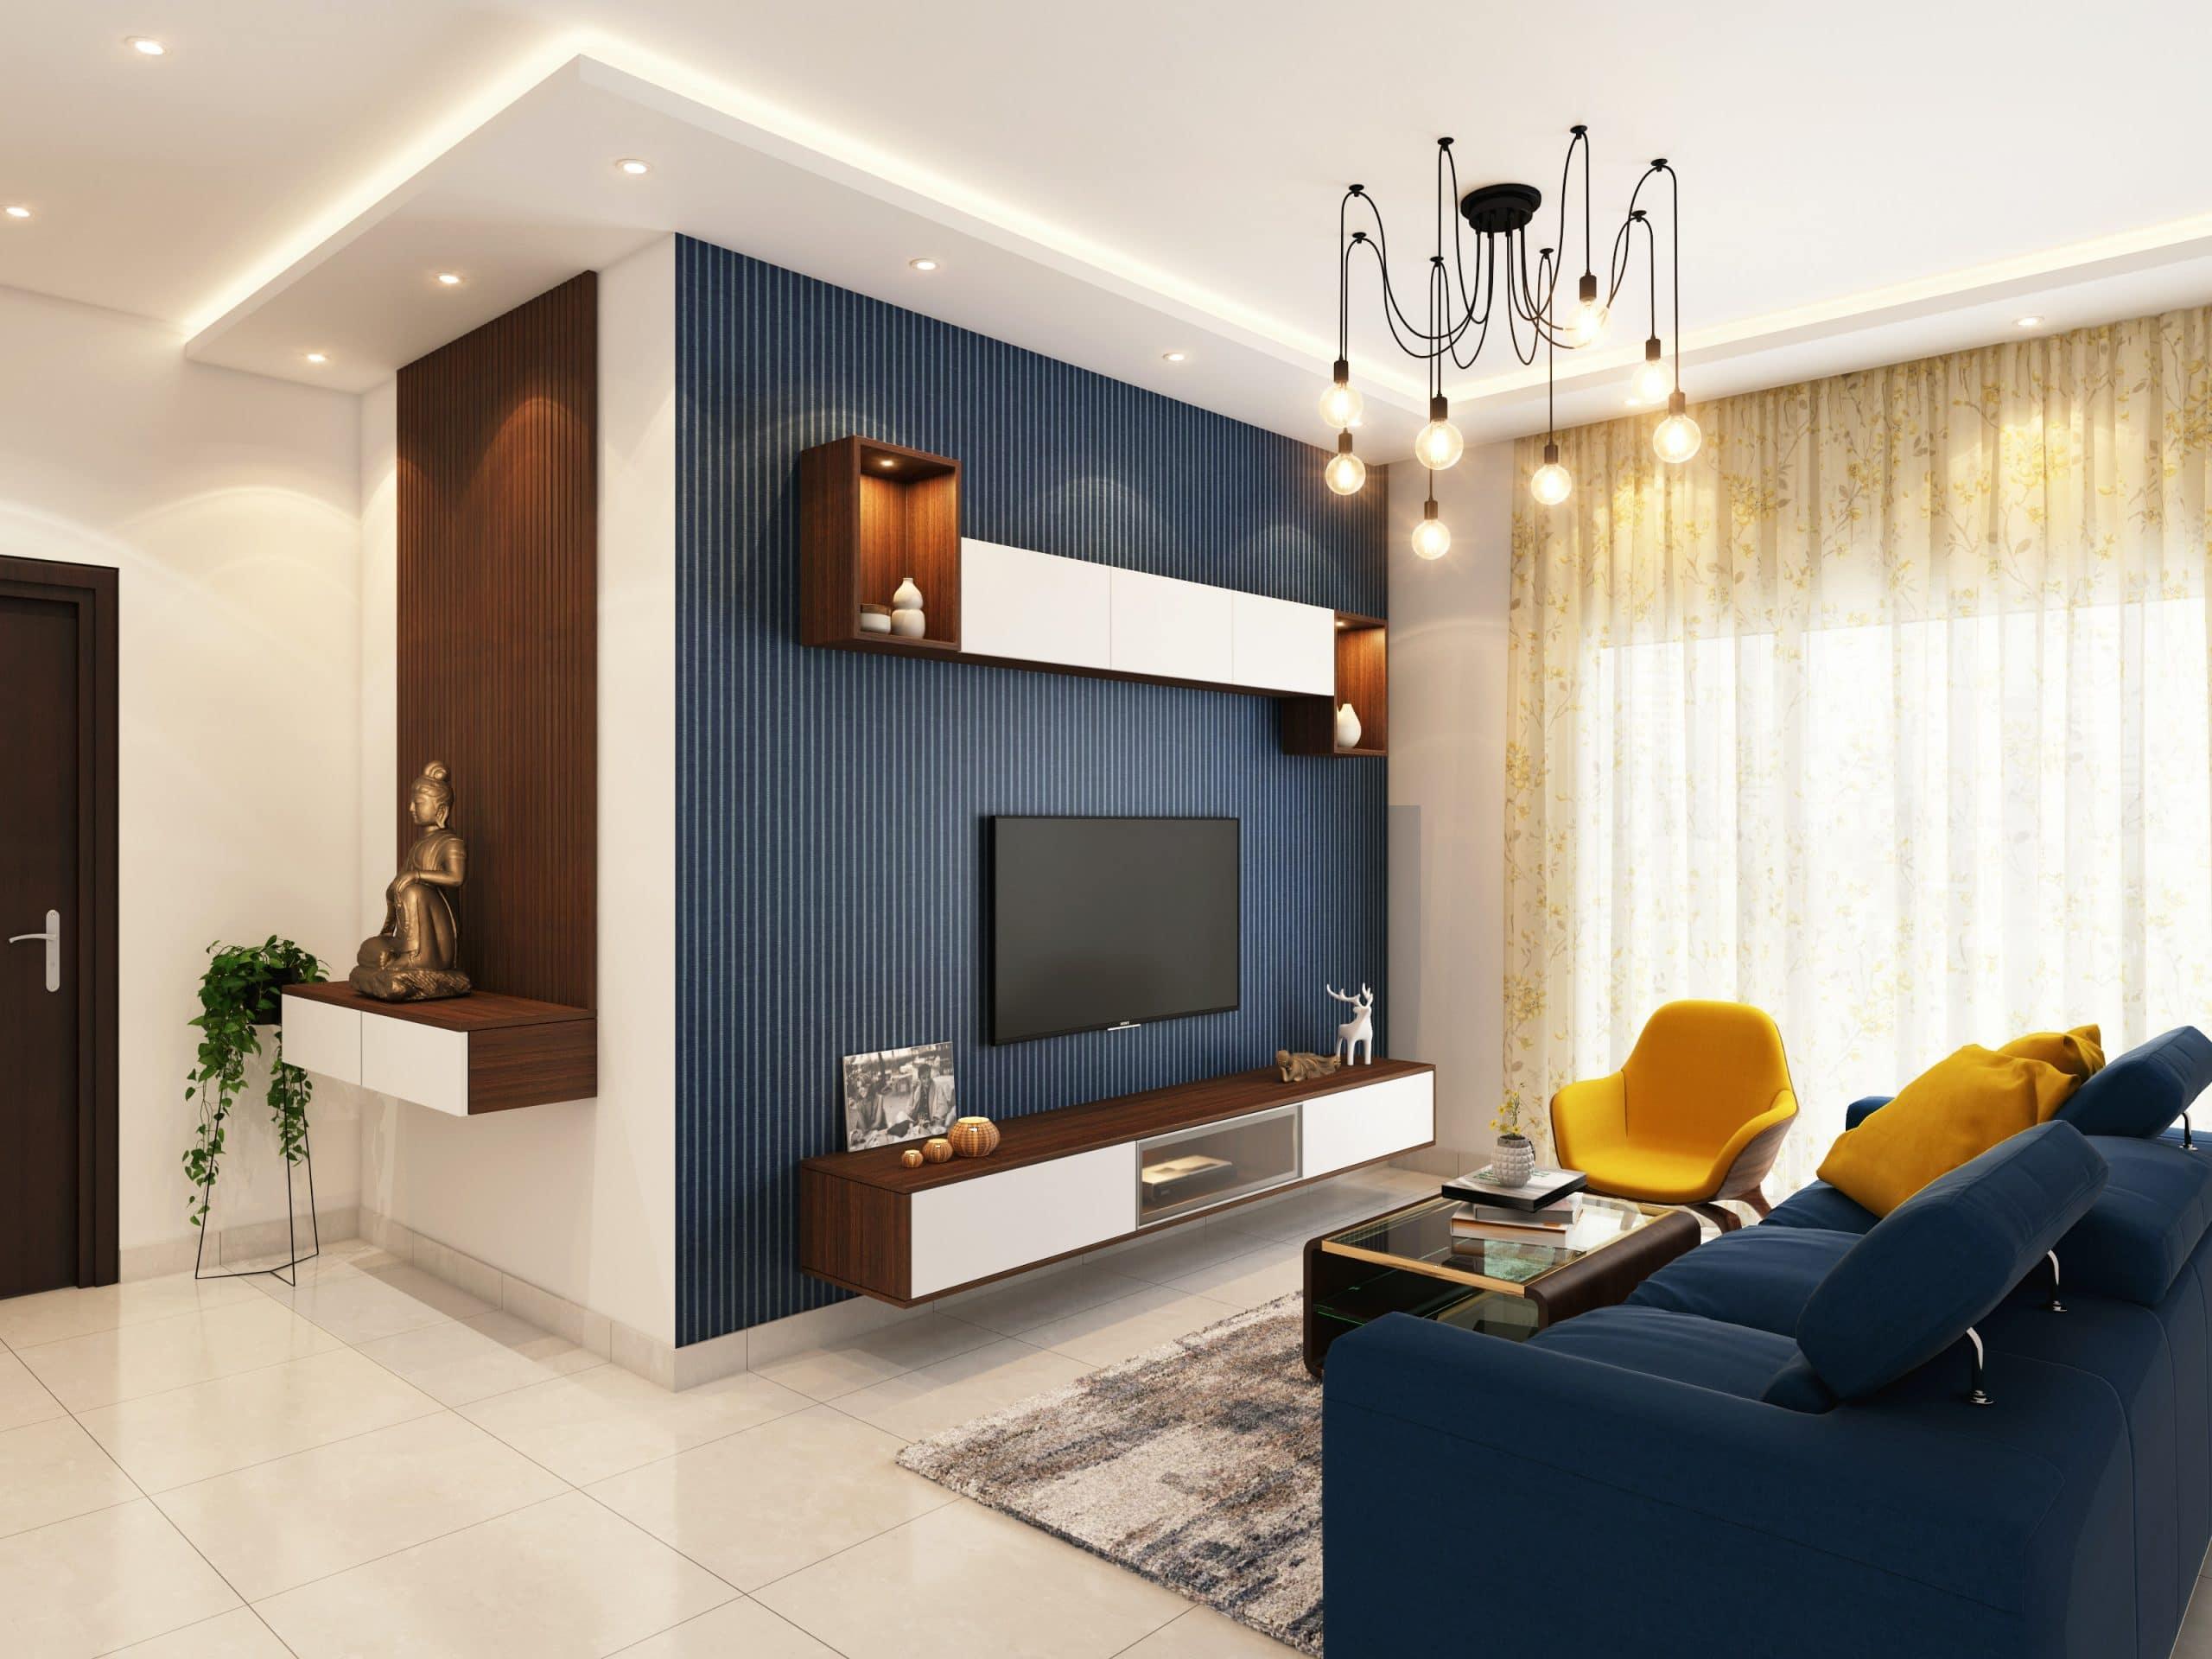 Décoration d'un salon cosy avec les bons luminaires